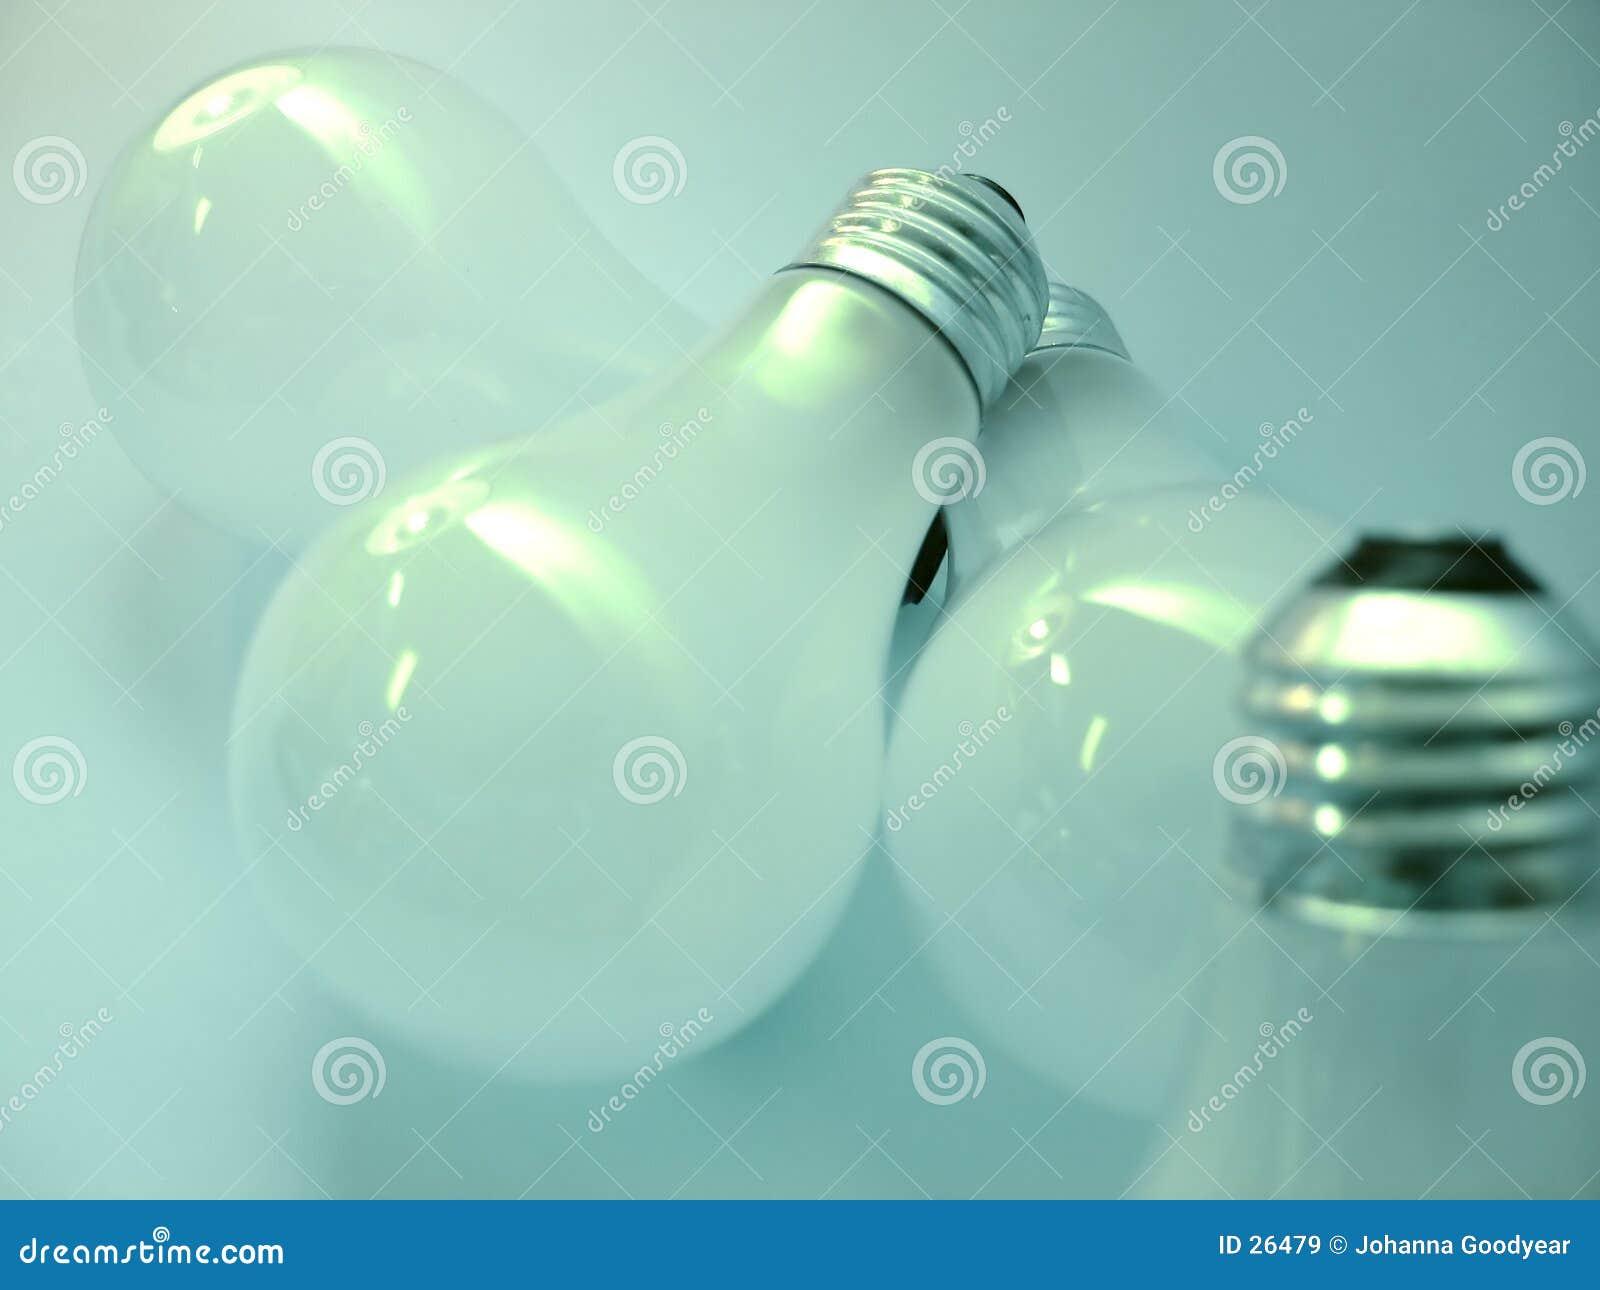 Bulbs 2